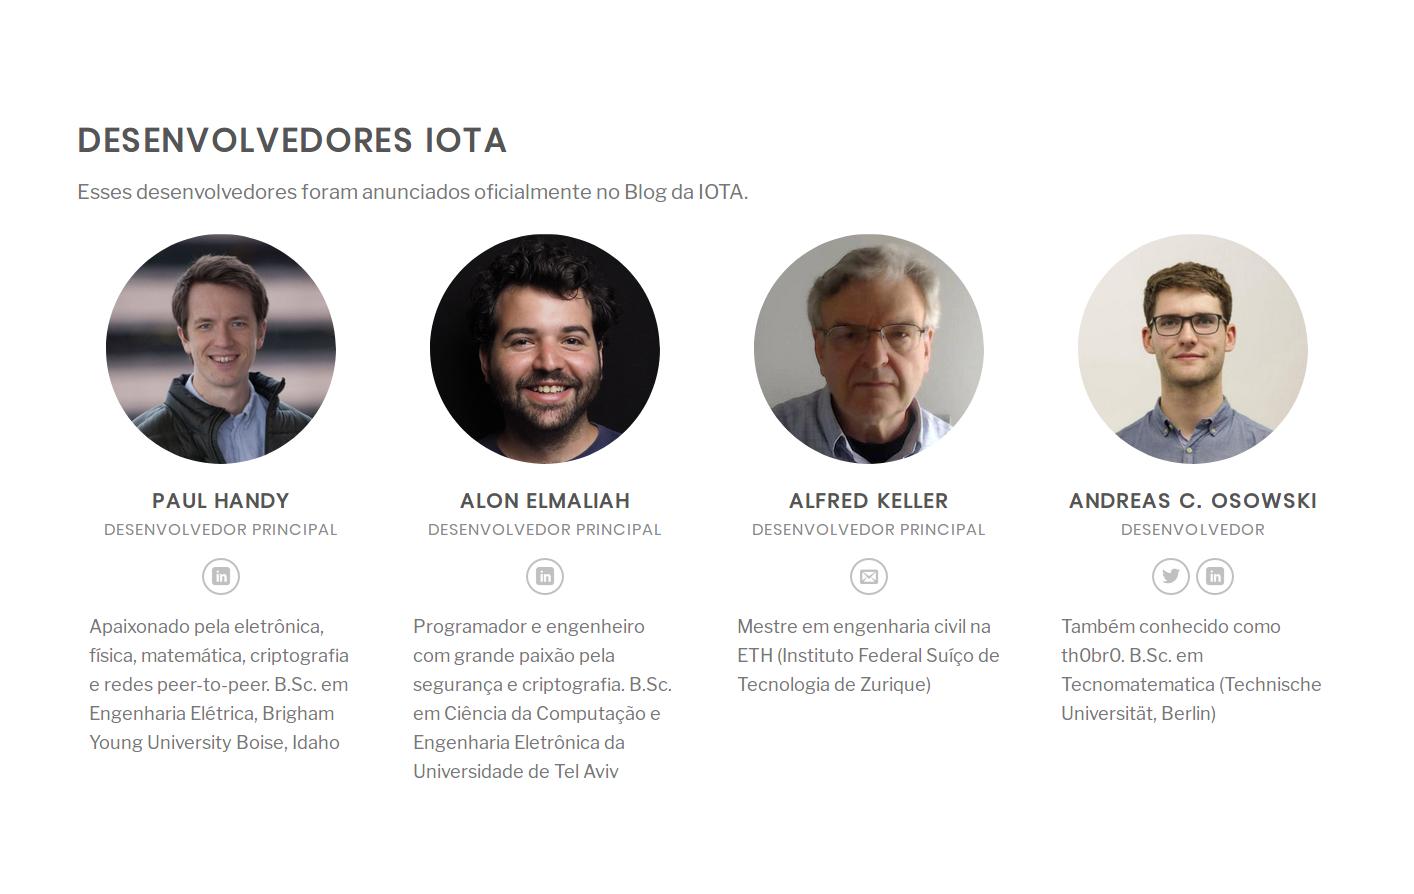 IOTA desenvolvedores 1